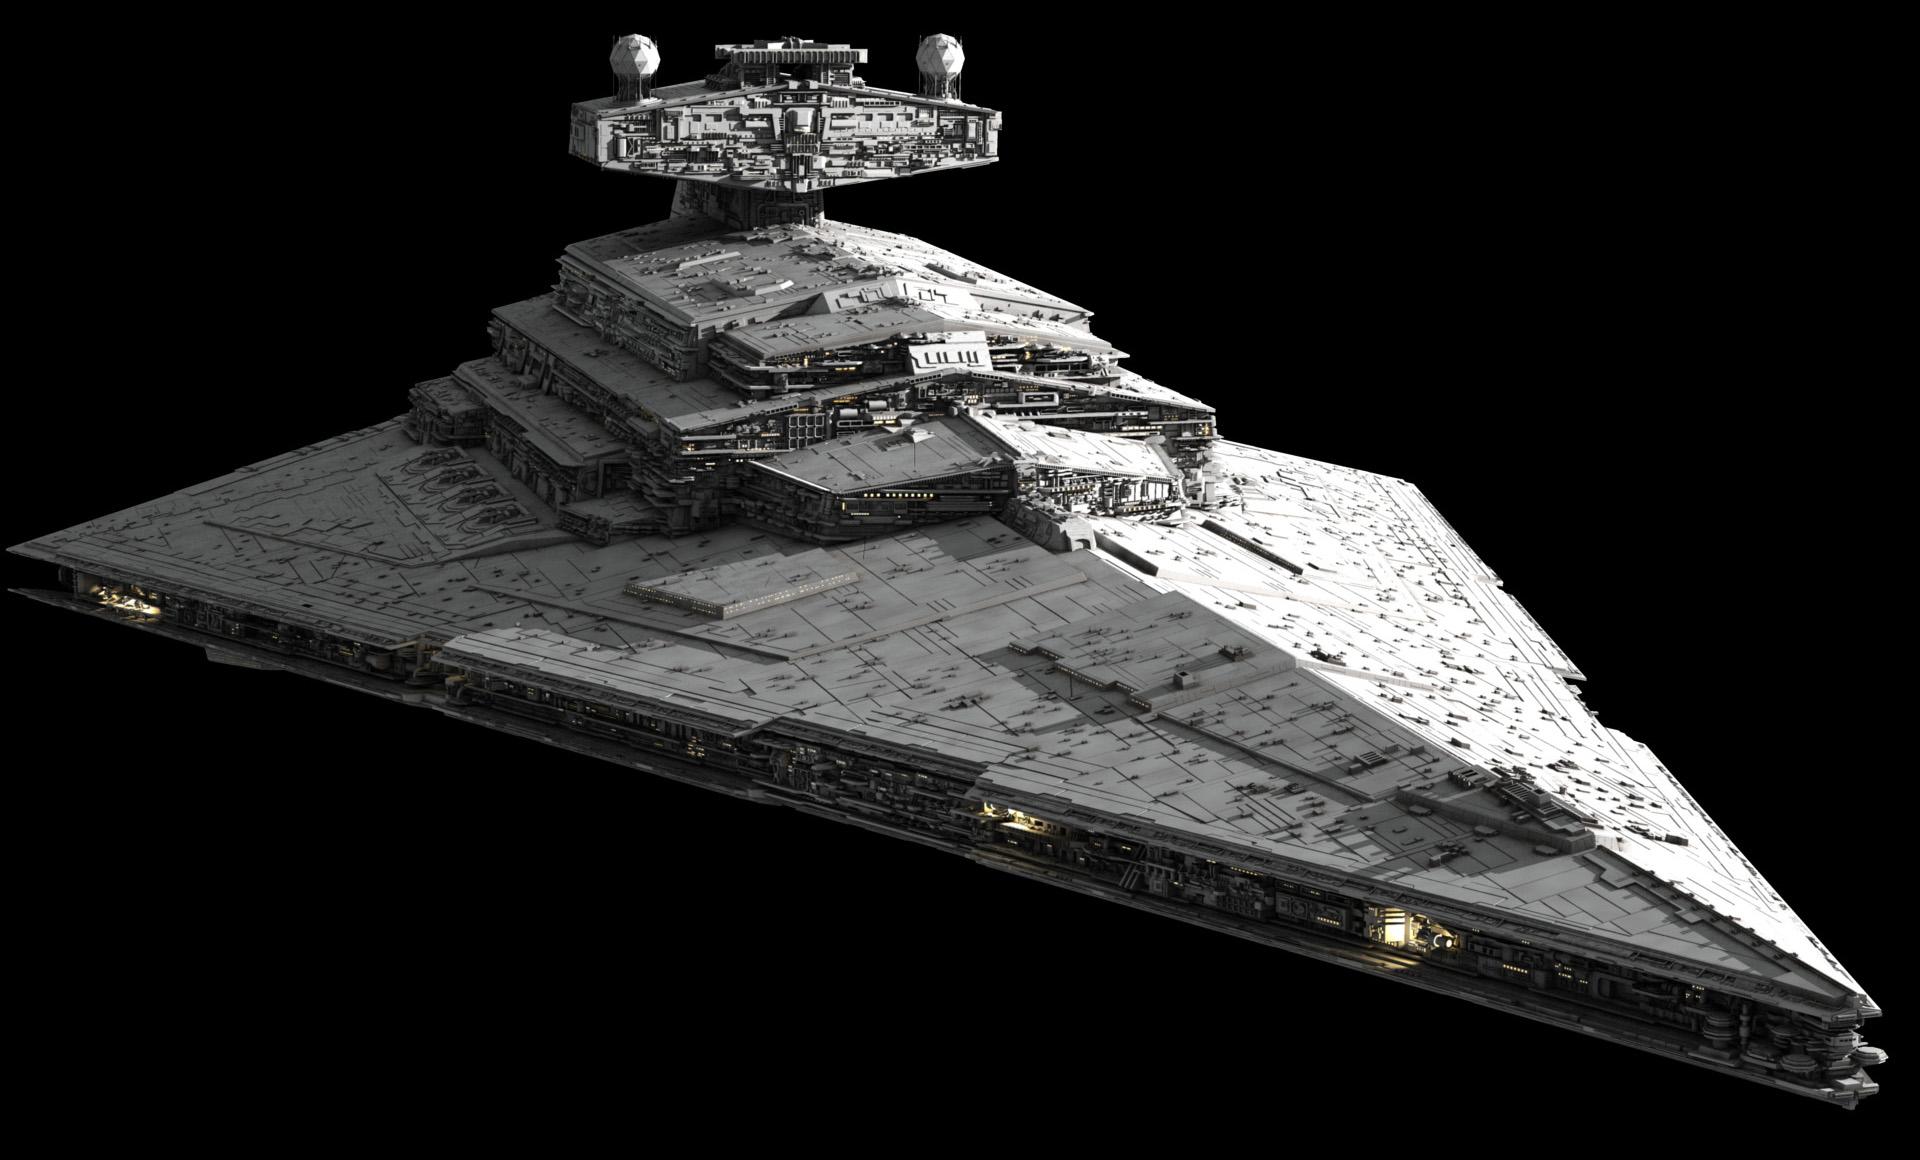 Les vaisseaux star wars s 39 invitent la tour eiffel en - Image star wars vaisseau ...